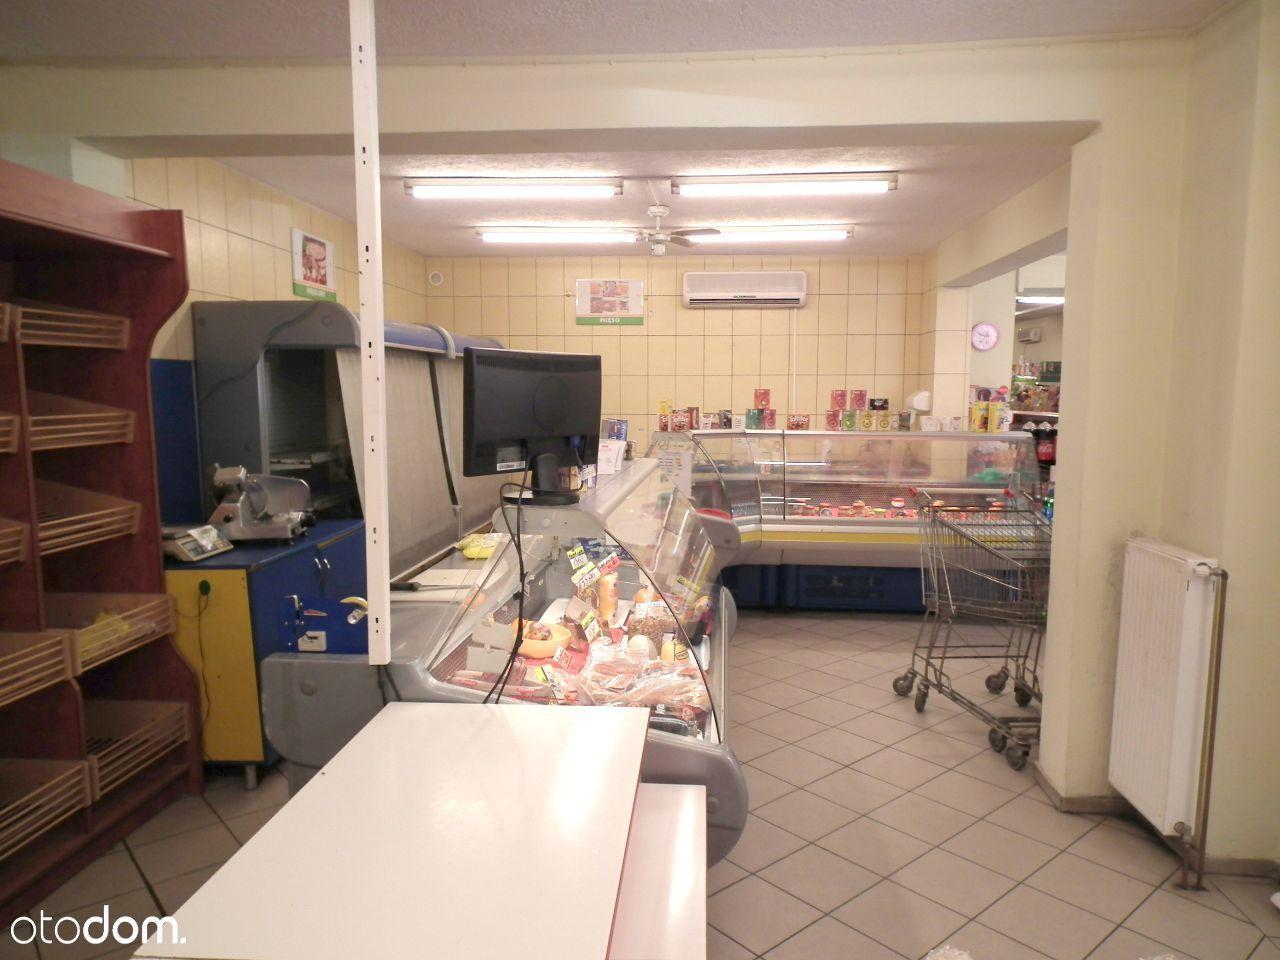 Lokal użytkowy na sprzedaż, Kędzierzyn-Koźle, Sławięcice - Foto 6